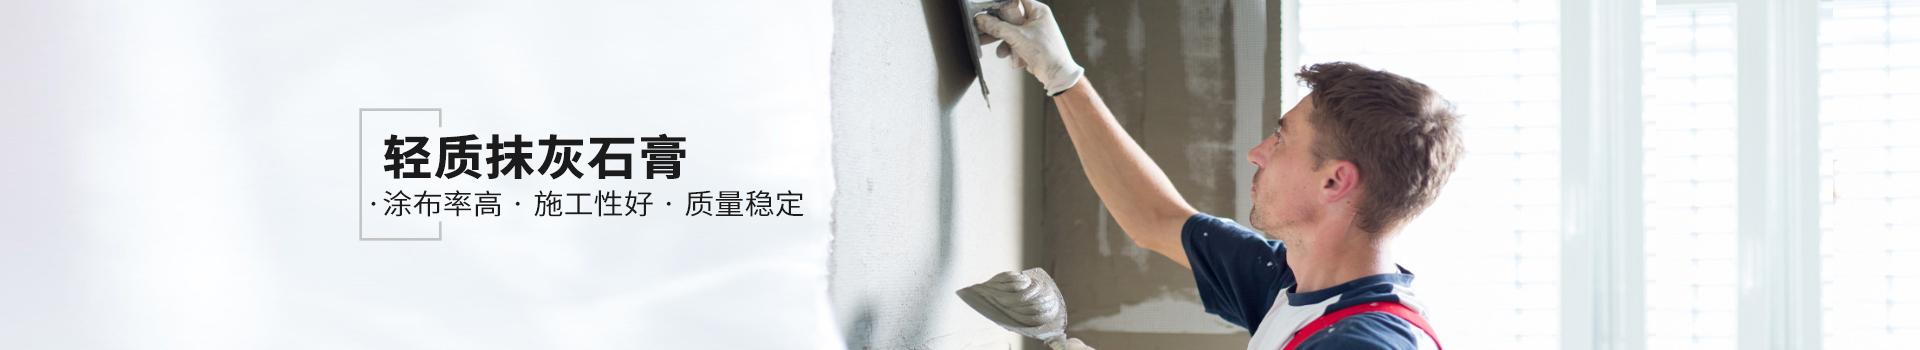 轻质抹灰石膏,健康环保,持久耐用,使用简便